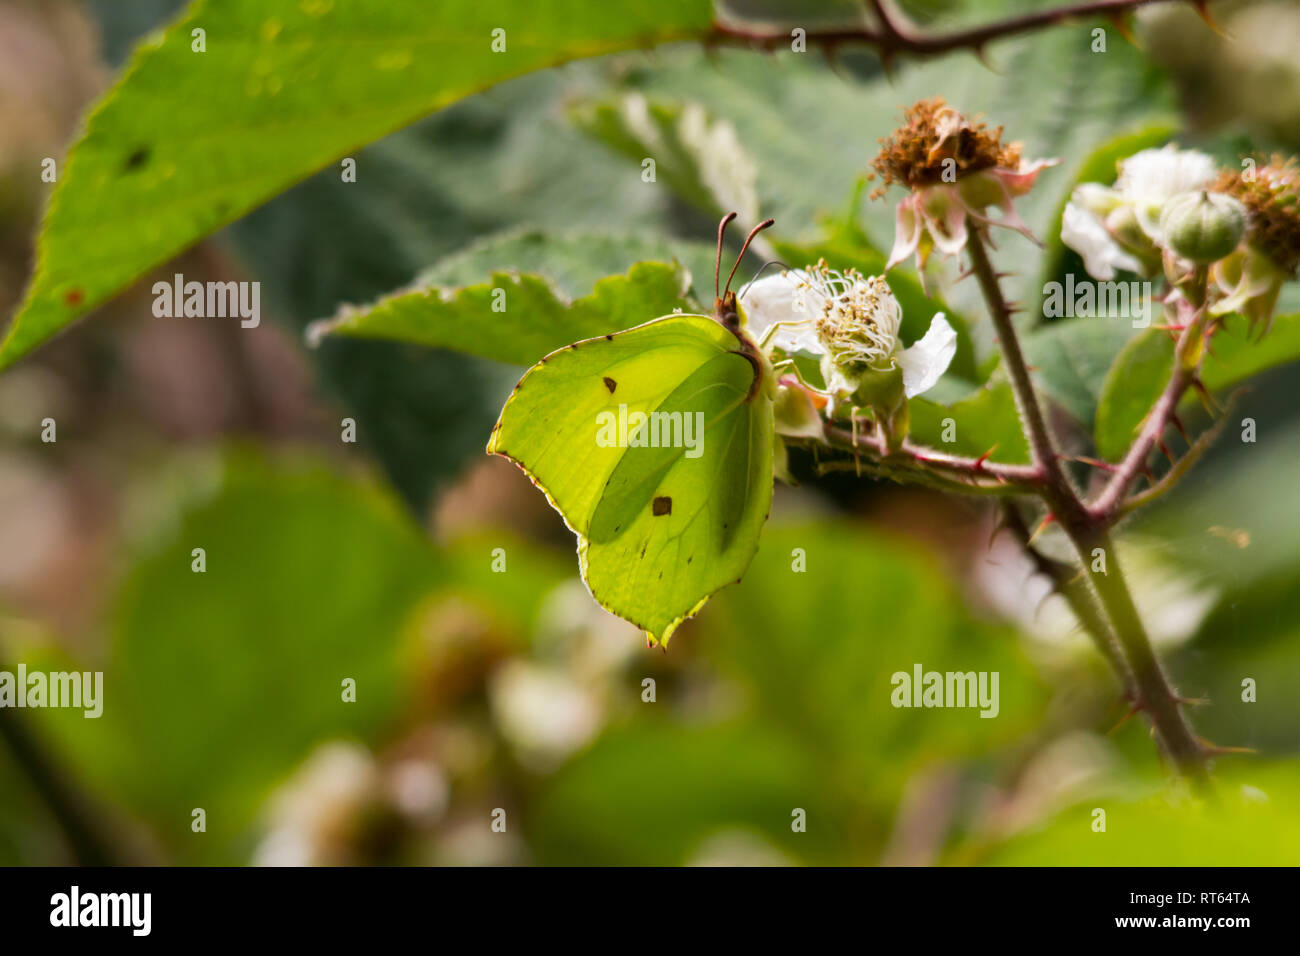 Brimstone Butterfly (Gonepteryx rhamni) feeding on a bramble bush. Stock Photo